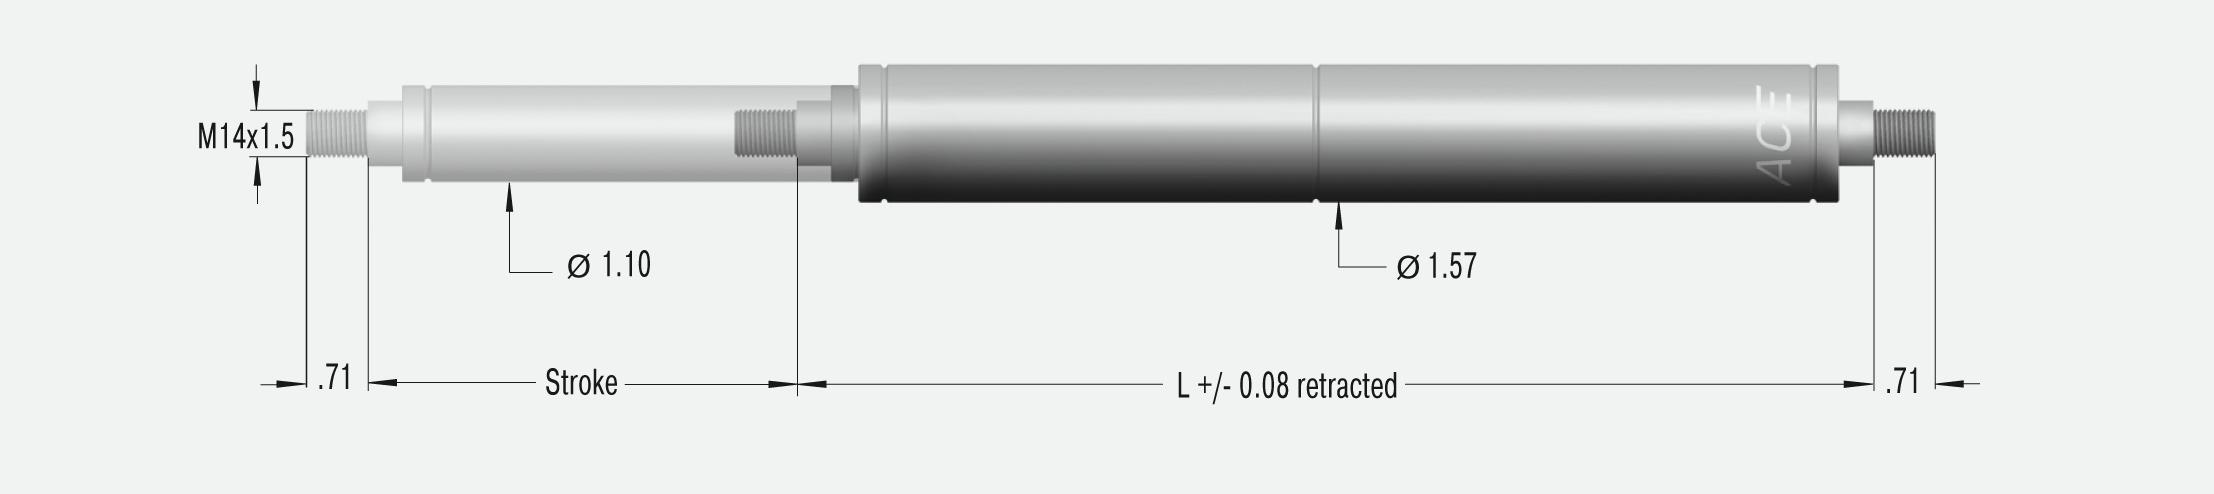 GZ-40-400-V4A